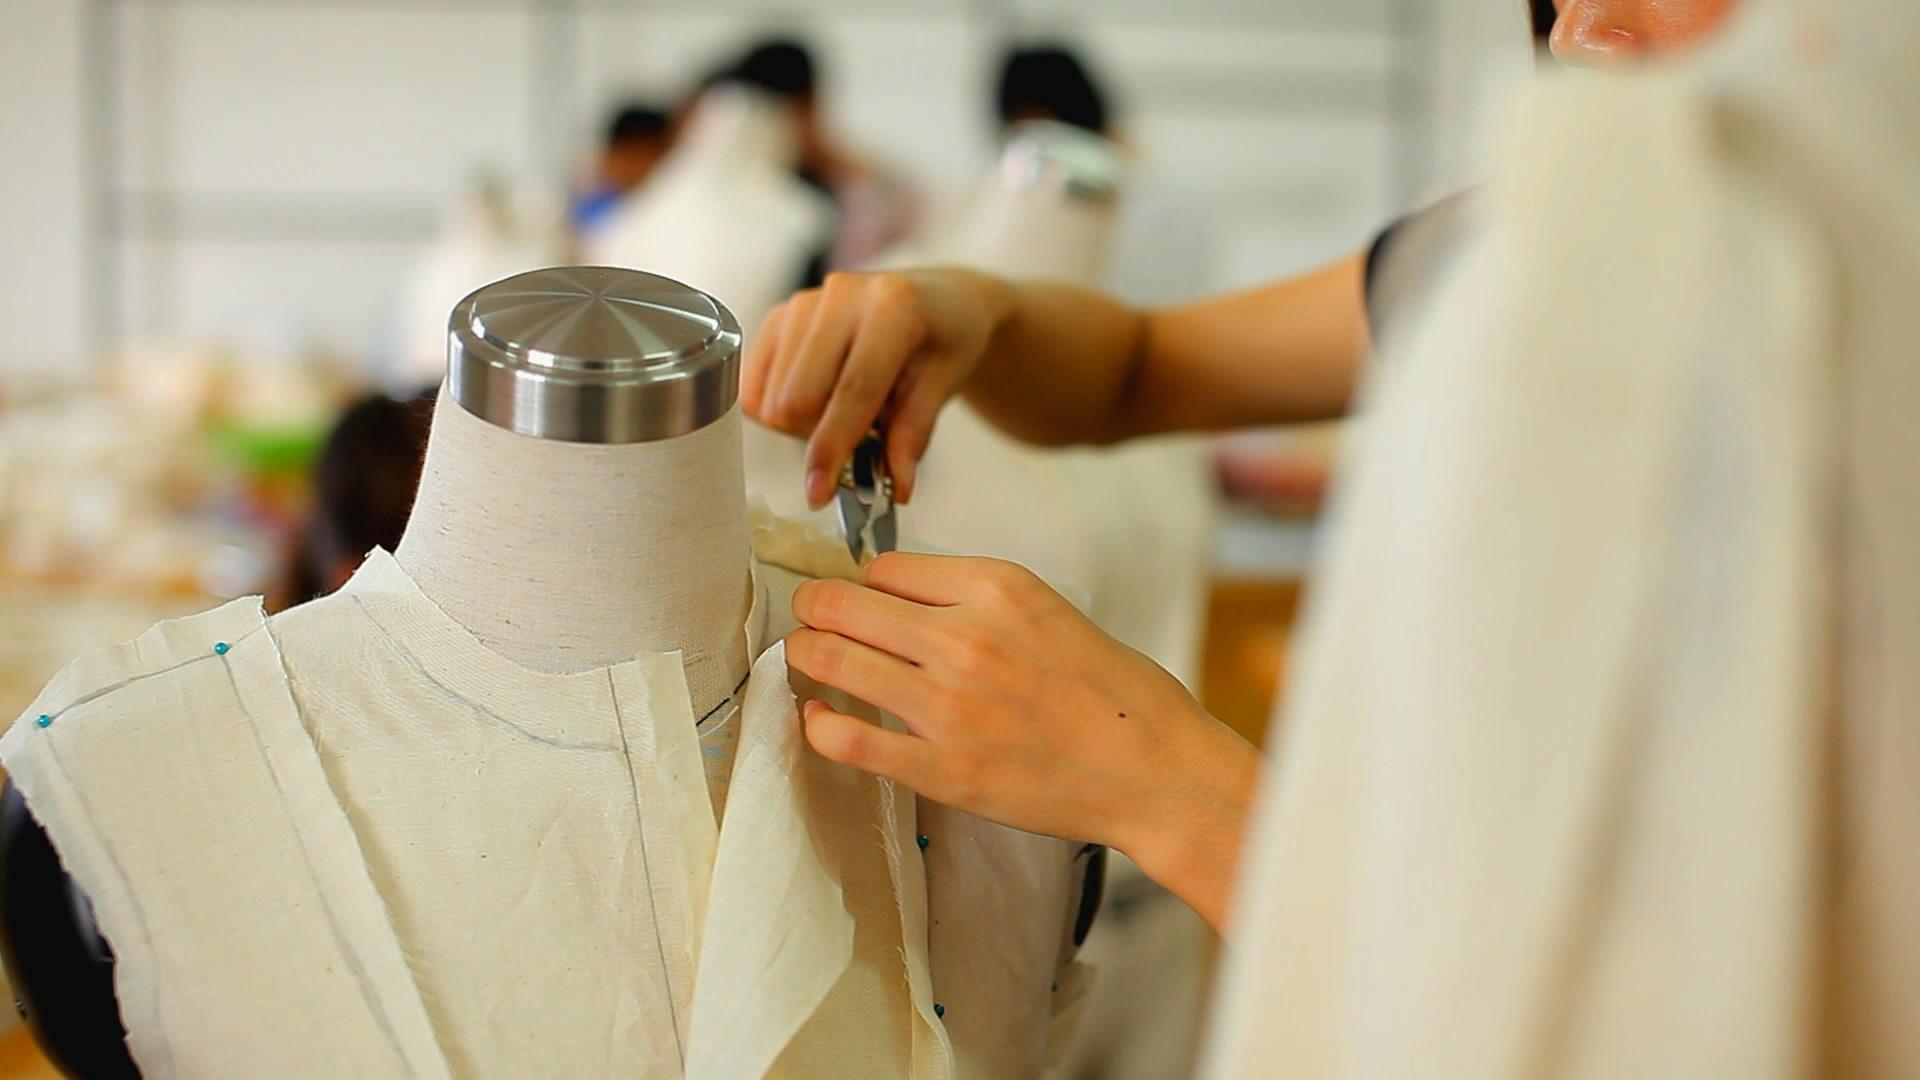 打版之后,裁缝师傅要在模特身上将各部分纸版拼合,确保打出来的版适合